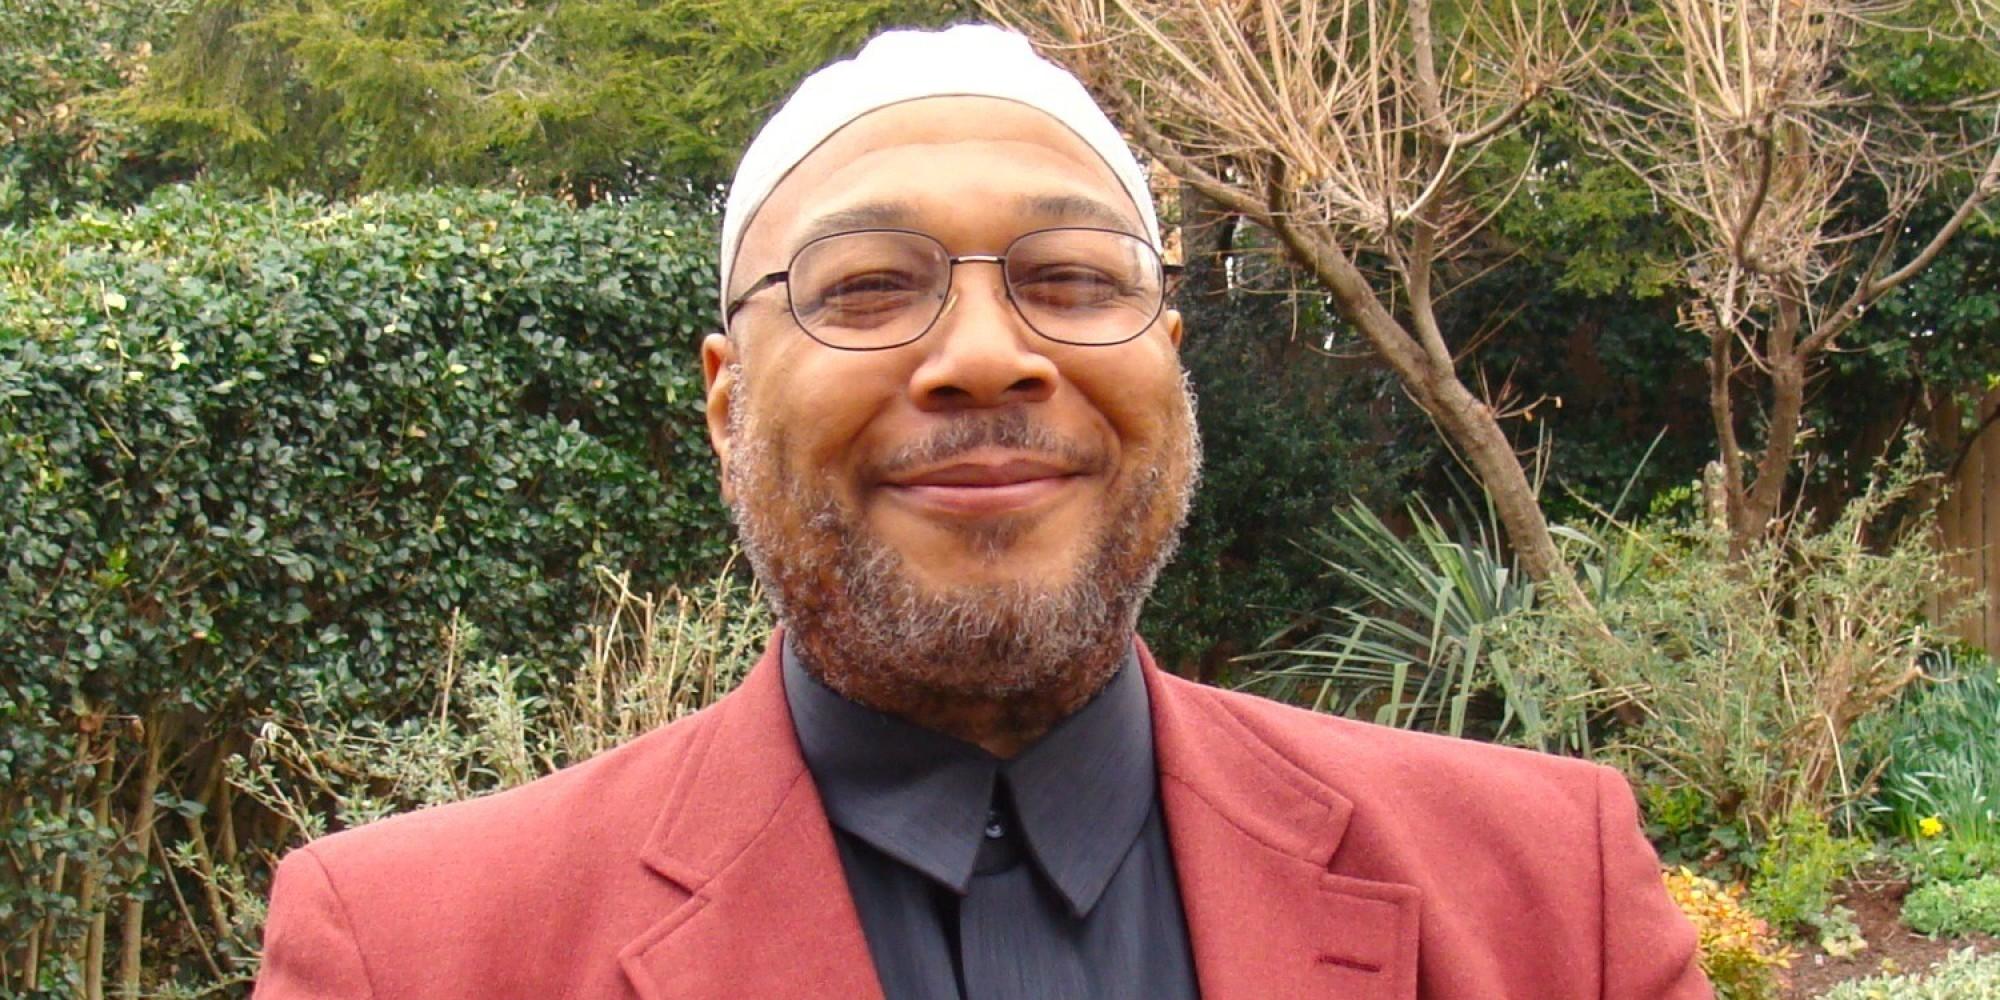 Daayiee Abdullah, imam gay pertama di Amerika Syarikat.